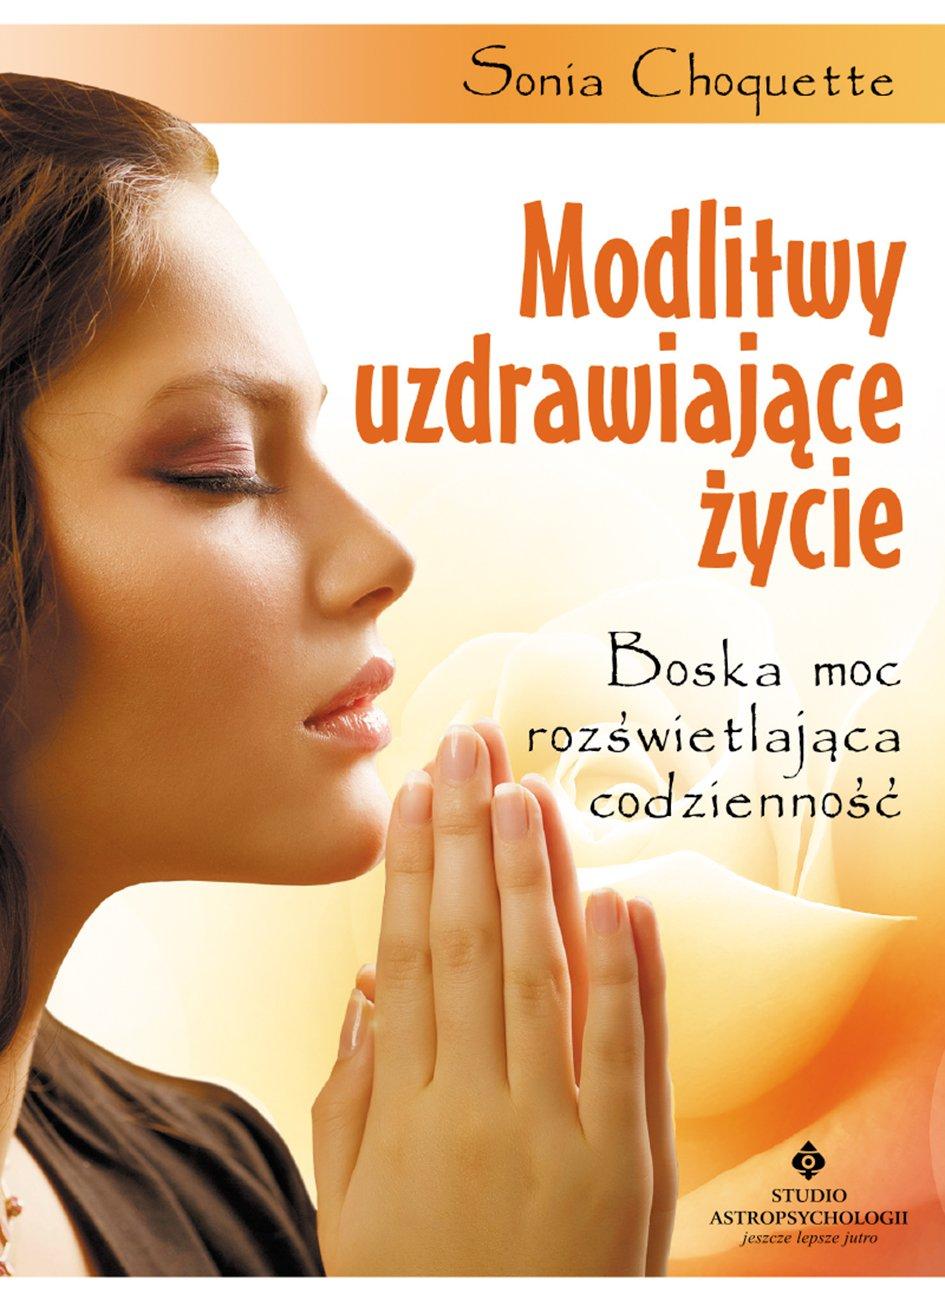 Modlitwy uzdrawiające życie. Boska moc rozświetlająca codzienność - Ebook (Książka na Kindle) do pobrania w formacie MOBI